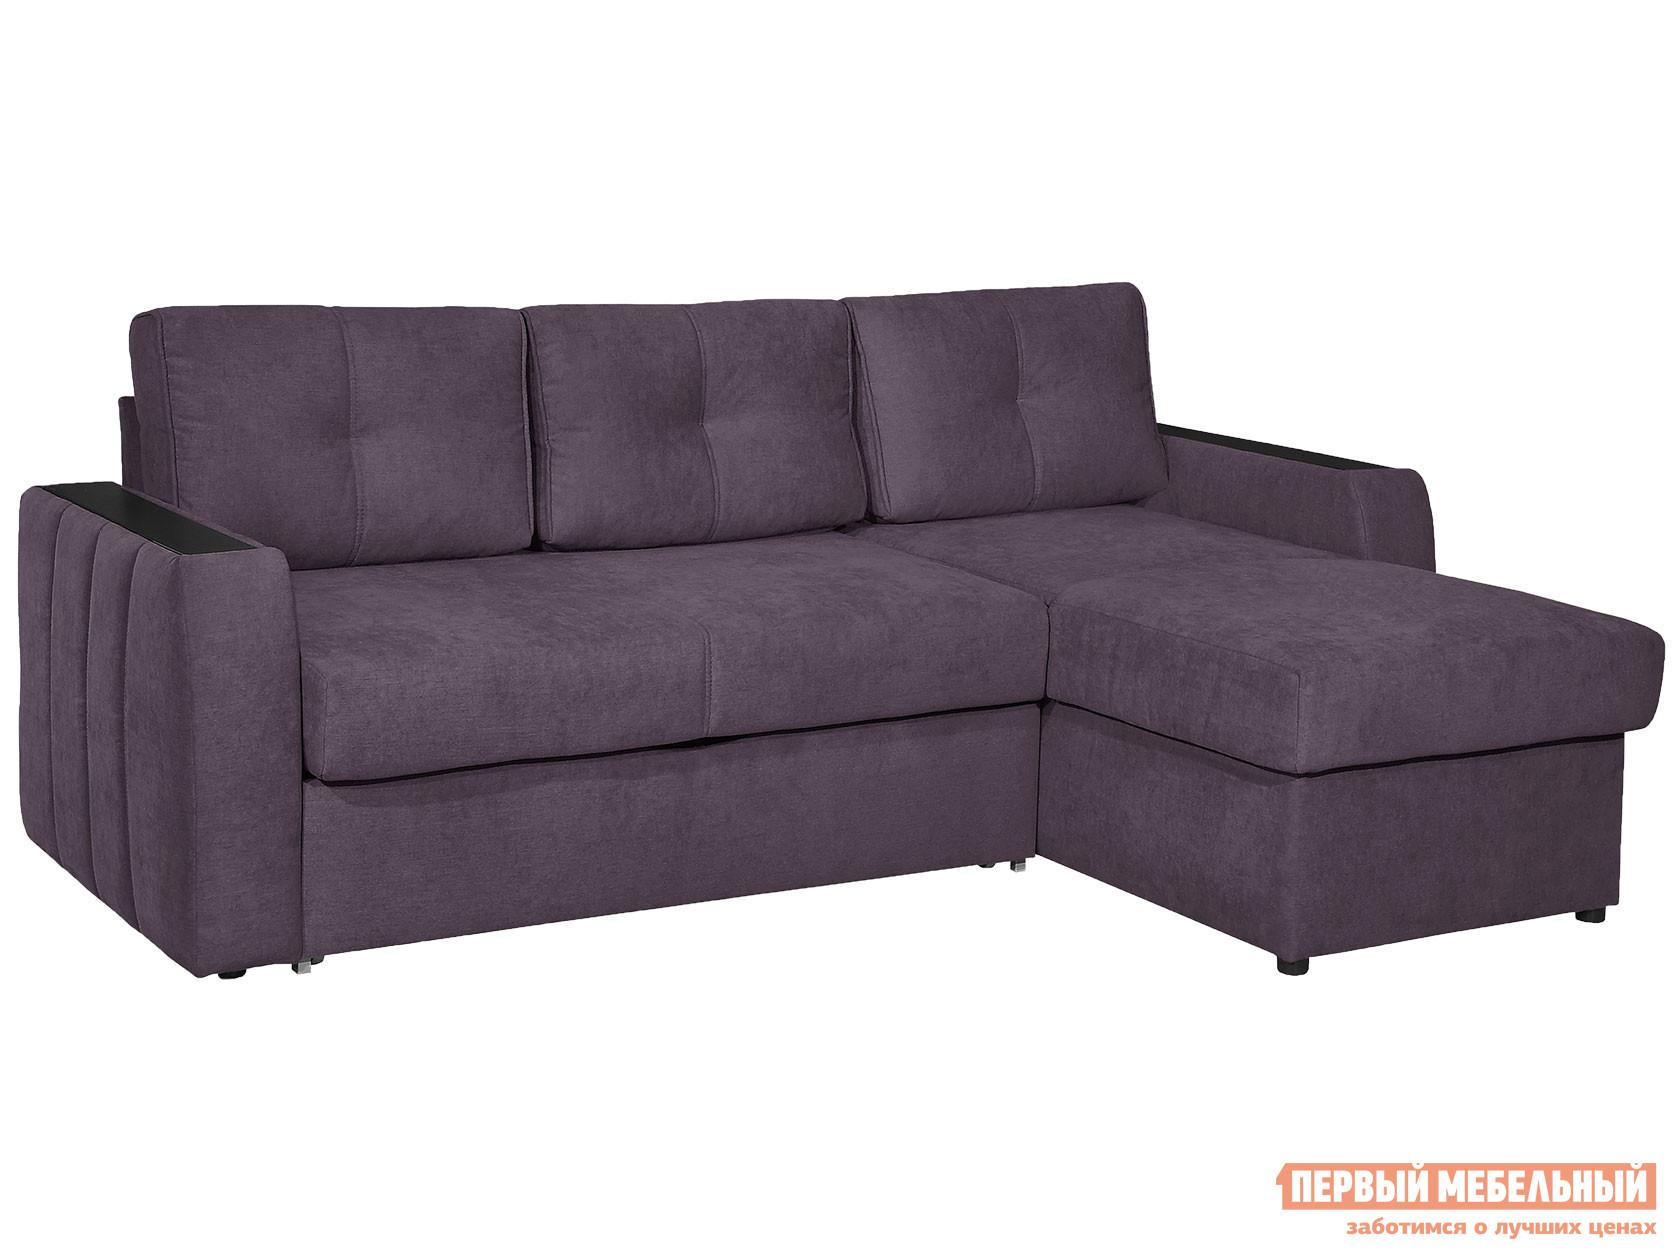 Угловой диван Первый Мебельный Диван Бостон Люкс угловой